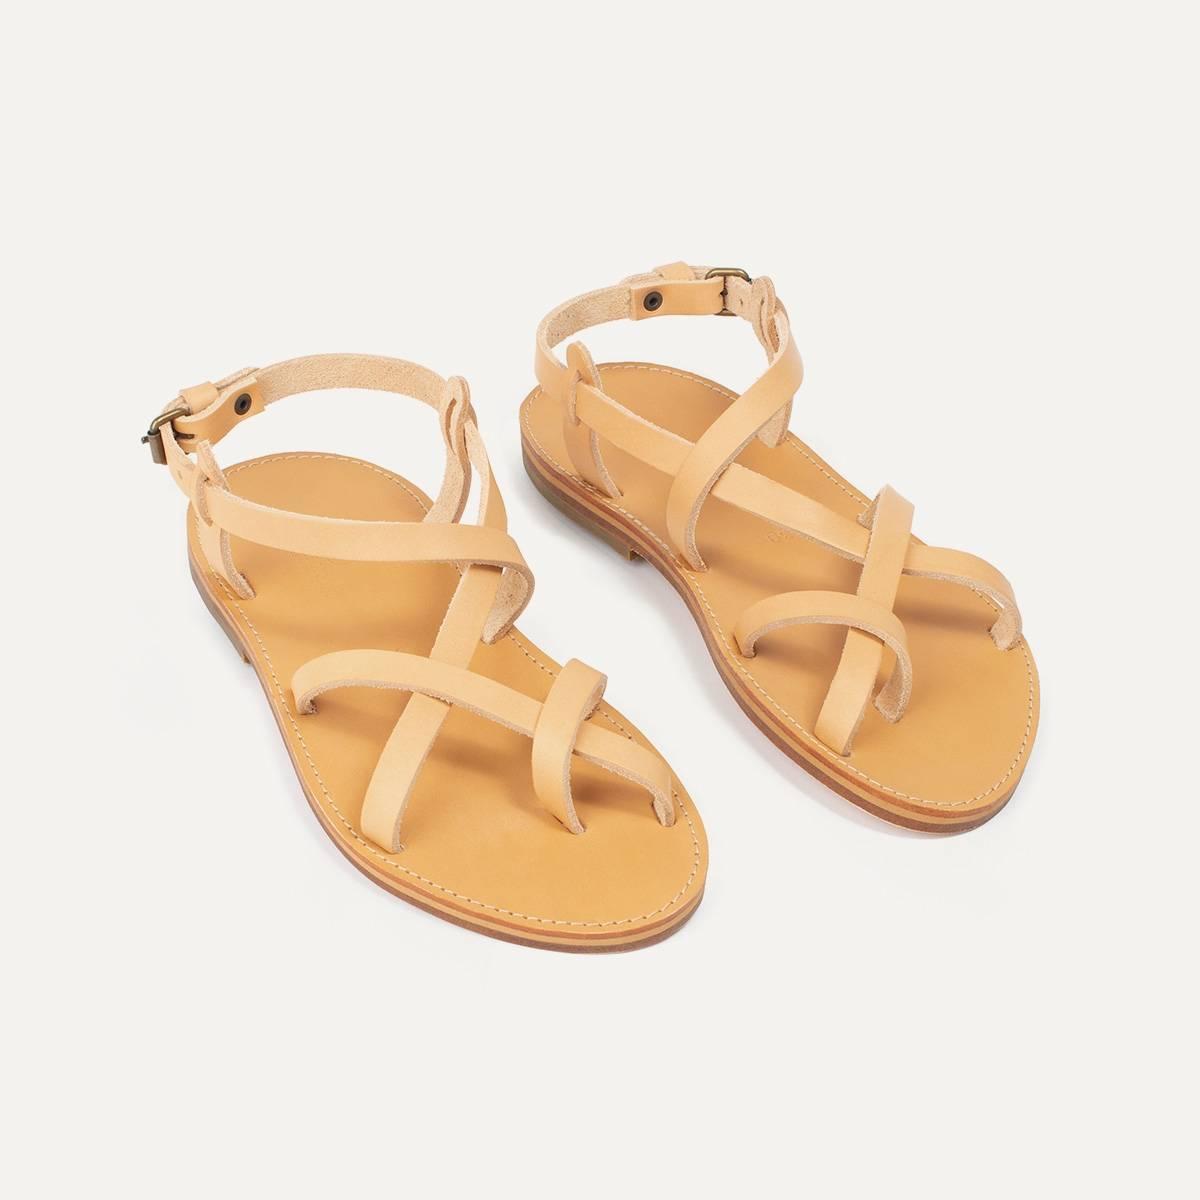 Sandales cuir Nara - Naturel (image n°4)